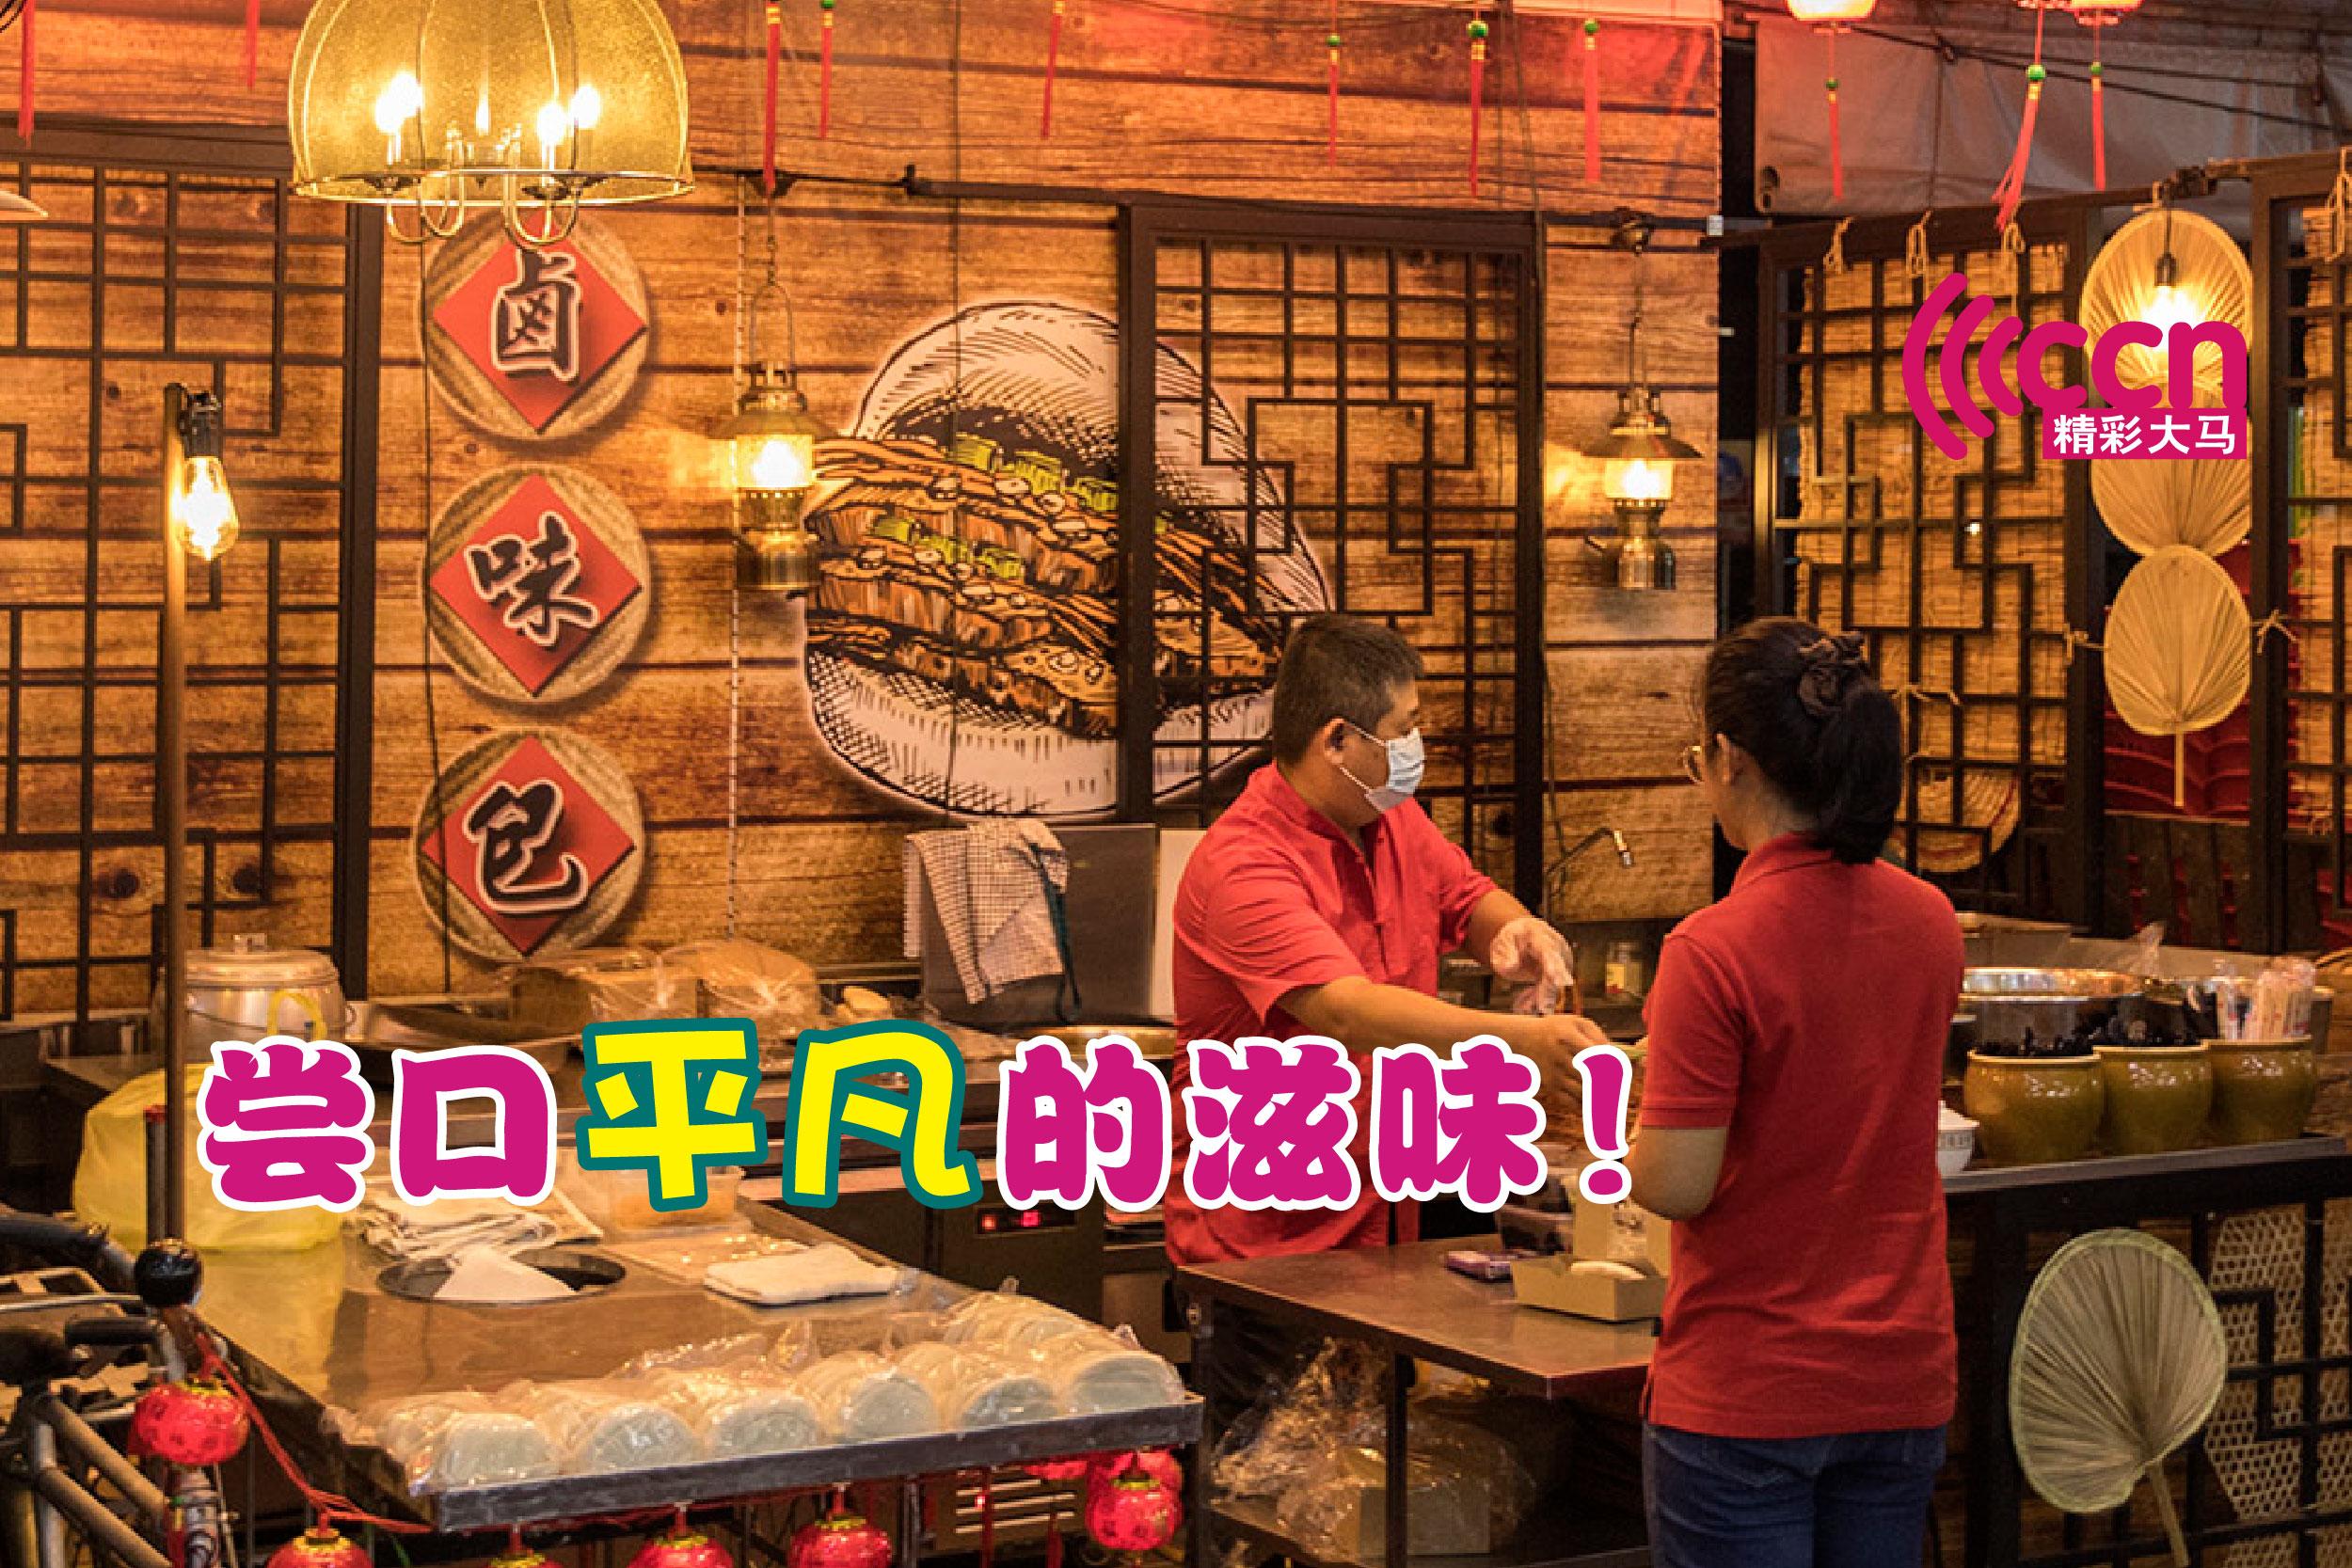 在家乡卤味的摊位前,您可以选择各种肉类,以丰富蒸笼里热腾腾的包子。-CK Lim摄,精彩大马制图-